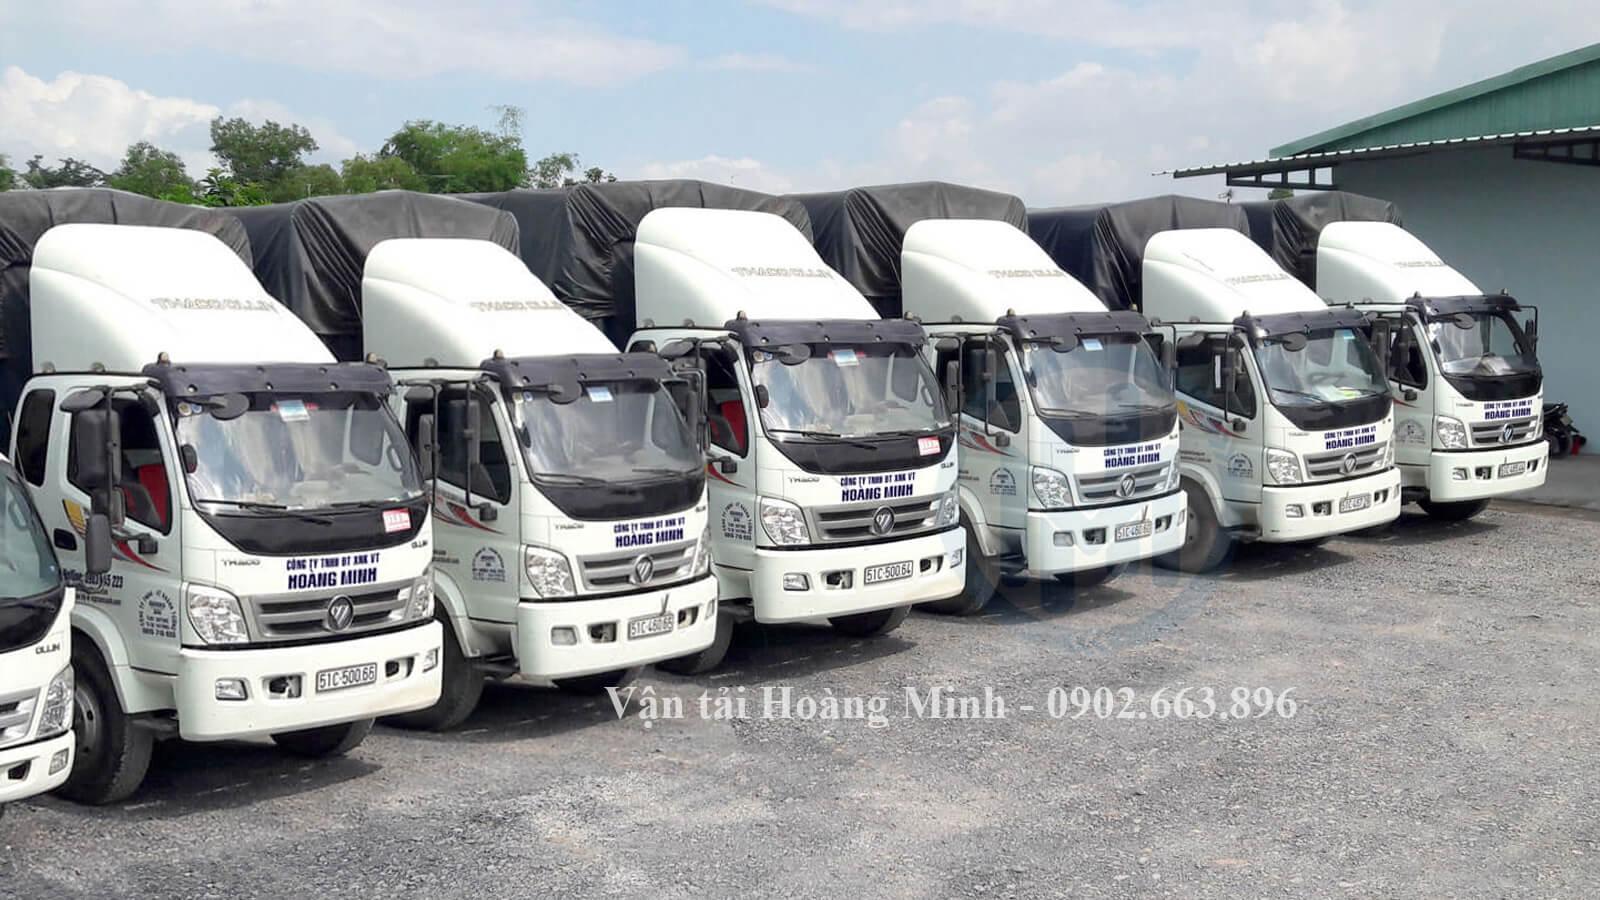 Vận tải Hoàng Minh cung cấp xe tải chở hàng với kích thước như thế nào